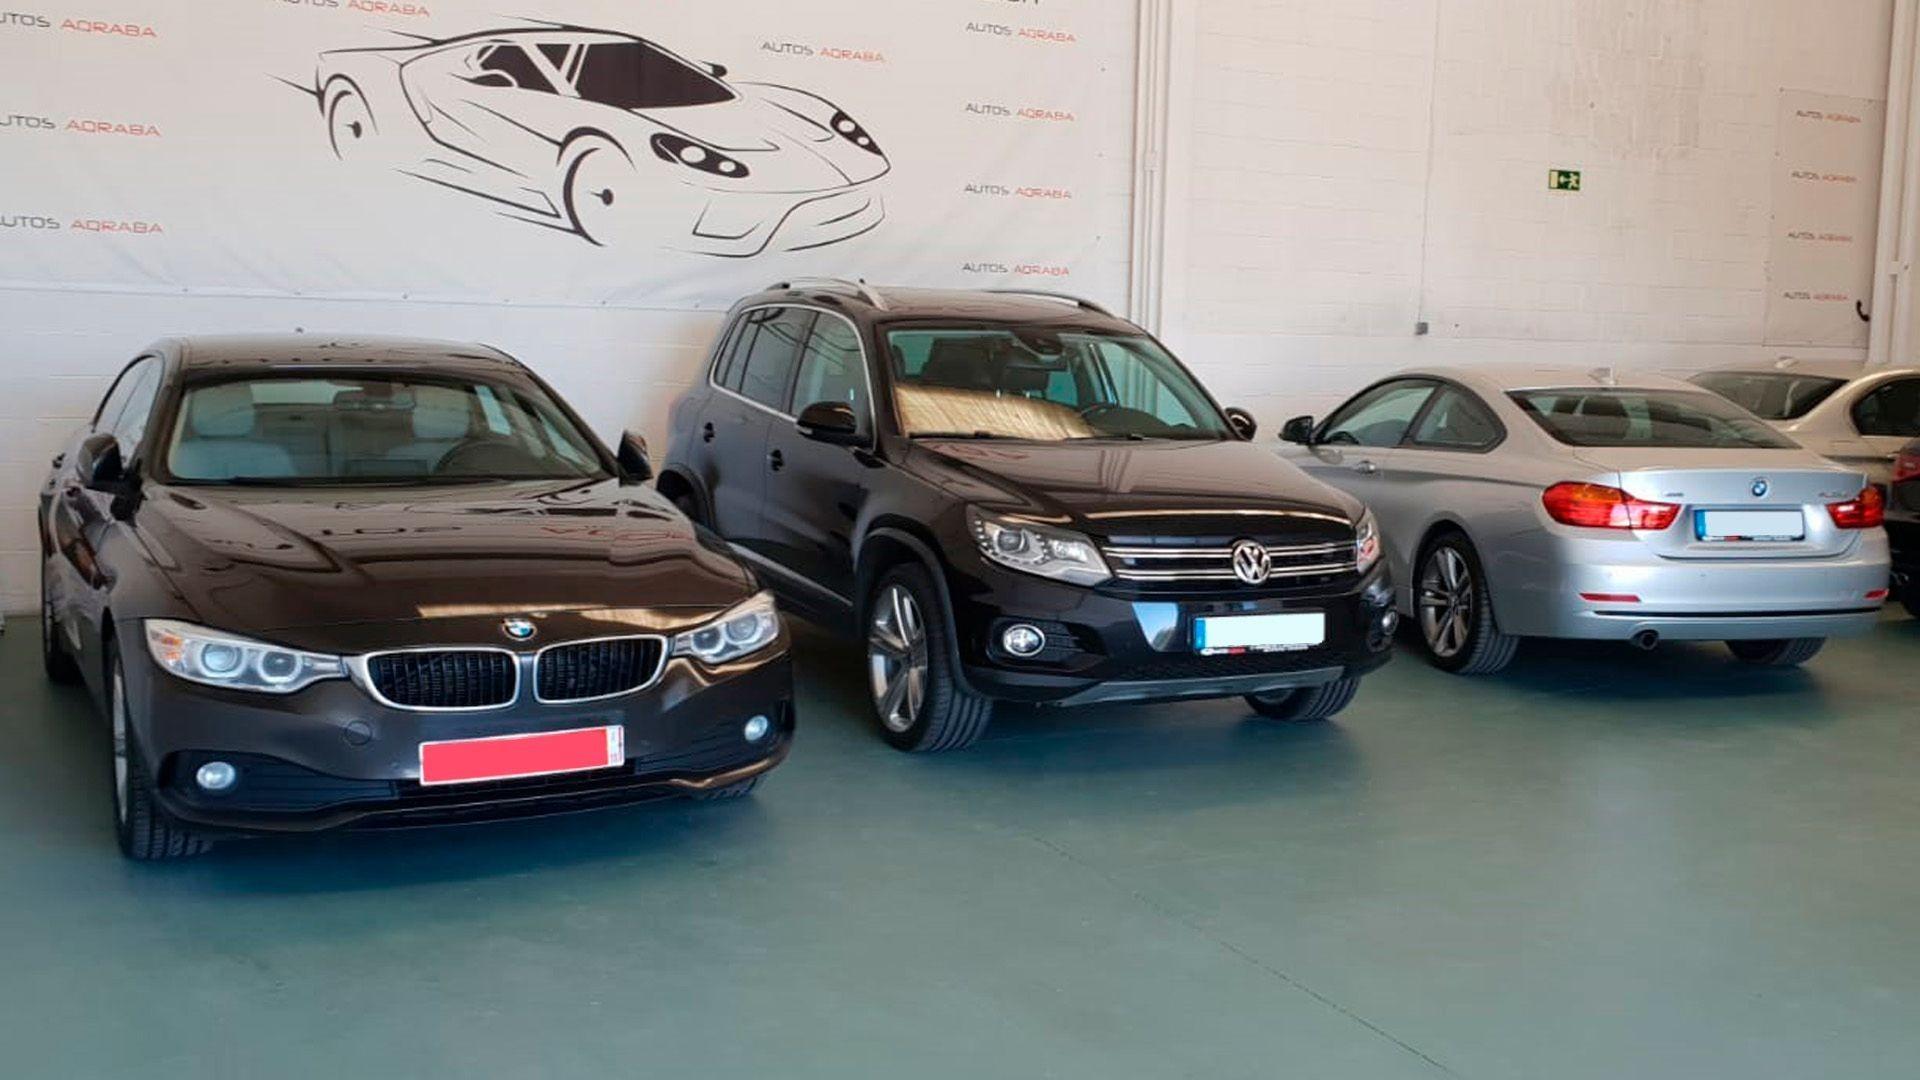 Compra y venta de vehículos de alta gama en Madrid